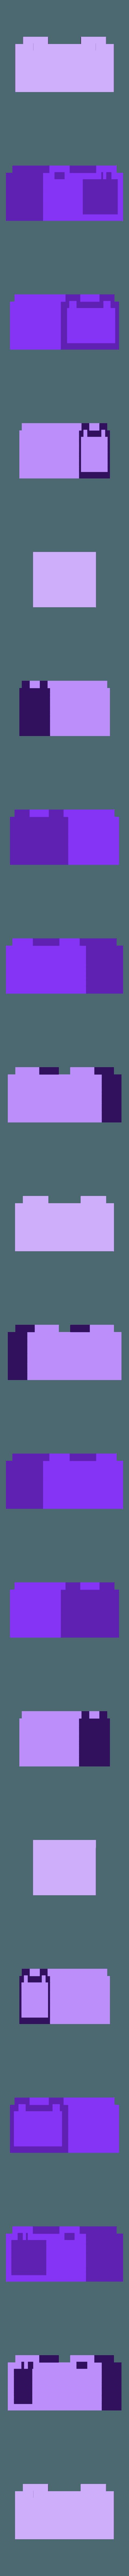 3s_protect.stl Télécharger fichier OBJ gratuit Capuchons de connecteurs d'équilibrage 3S et 4S - JST-XH • Modèle à imprimer en 3D, LydiaPy